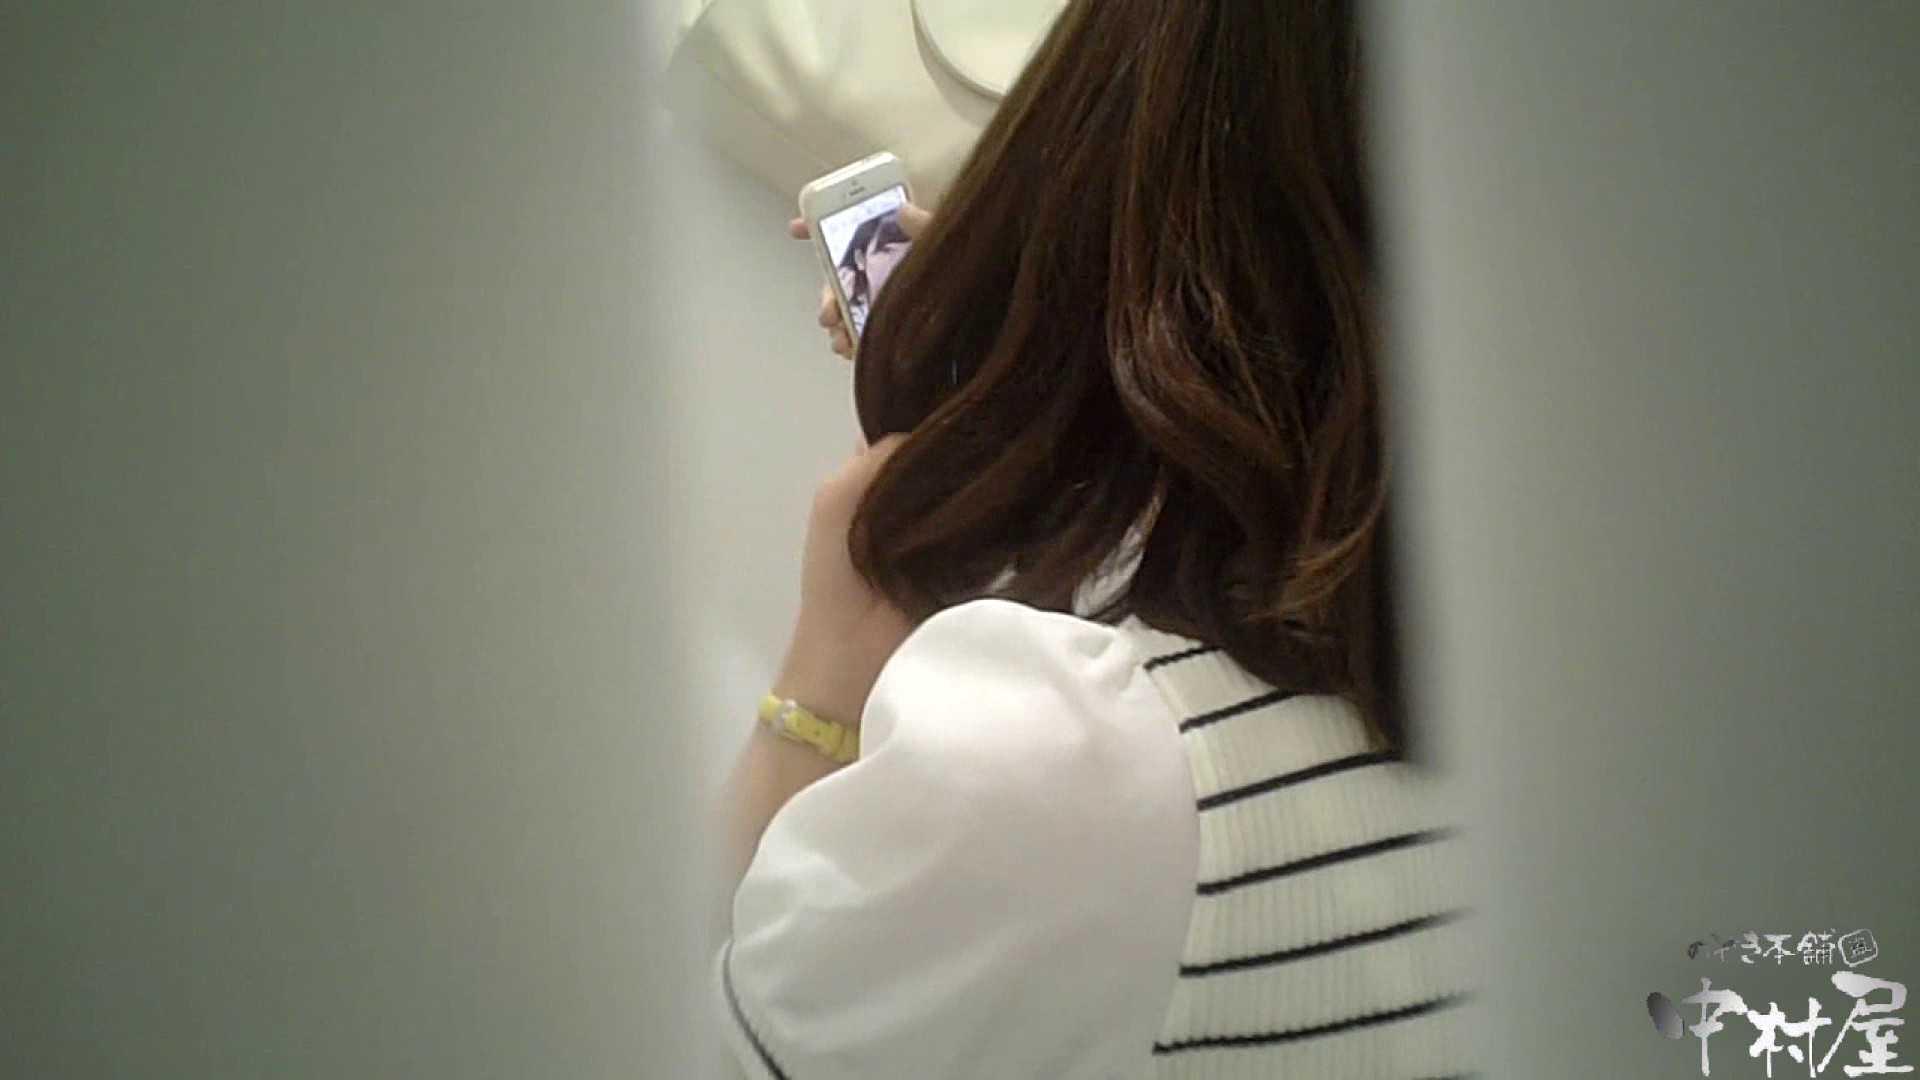 【某有名大学女性洗面所】有名大学女性洗面所 vol.37 ついでにアンダーヘアーの状態確認ですね。 潜入 | 洗面所  60連発 6